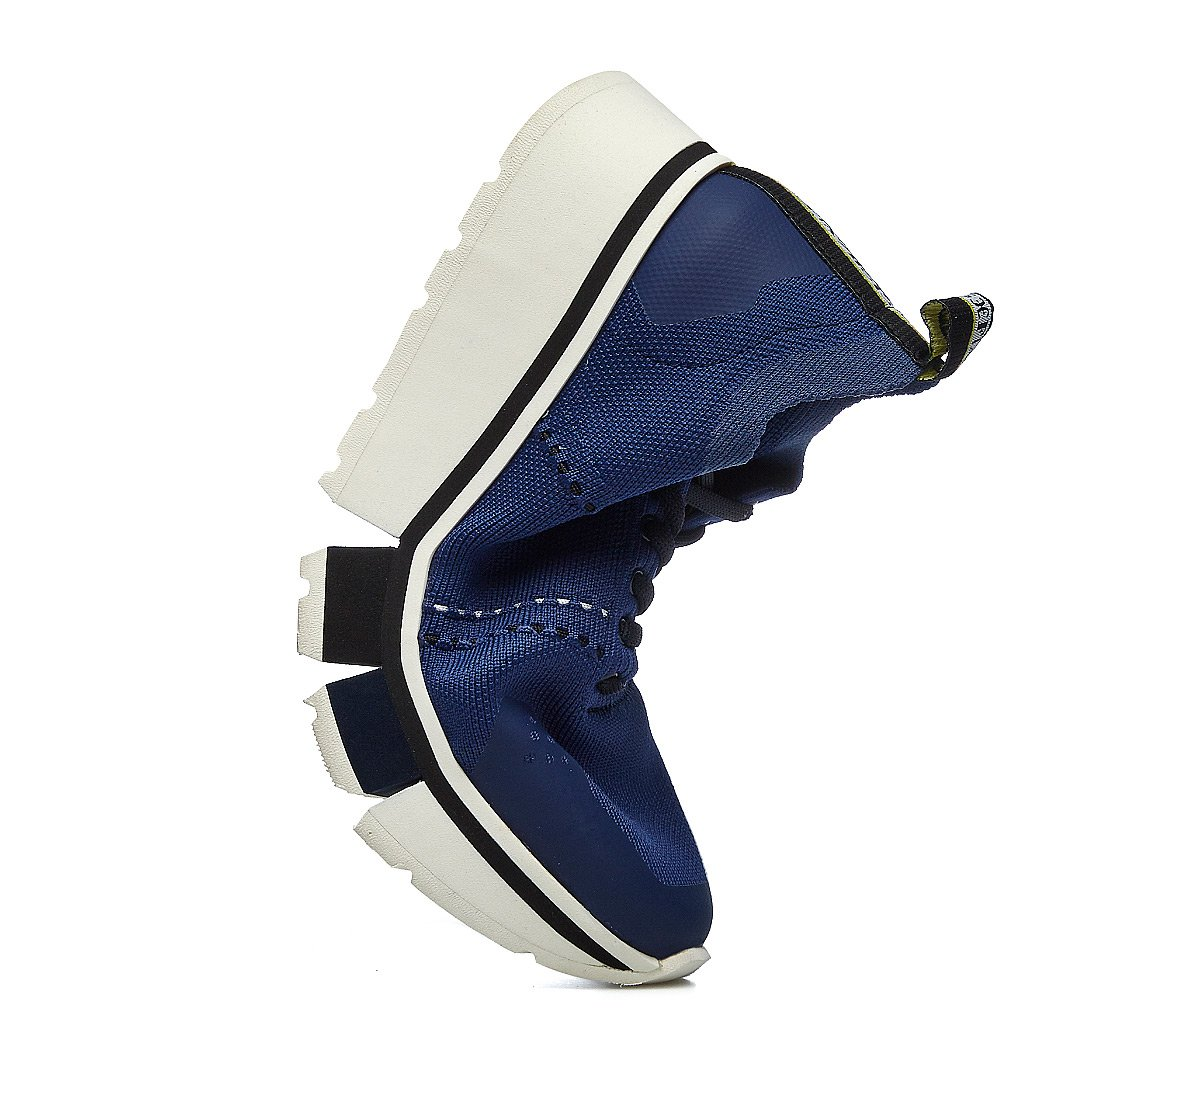 Fabi F65 sneakers